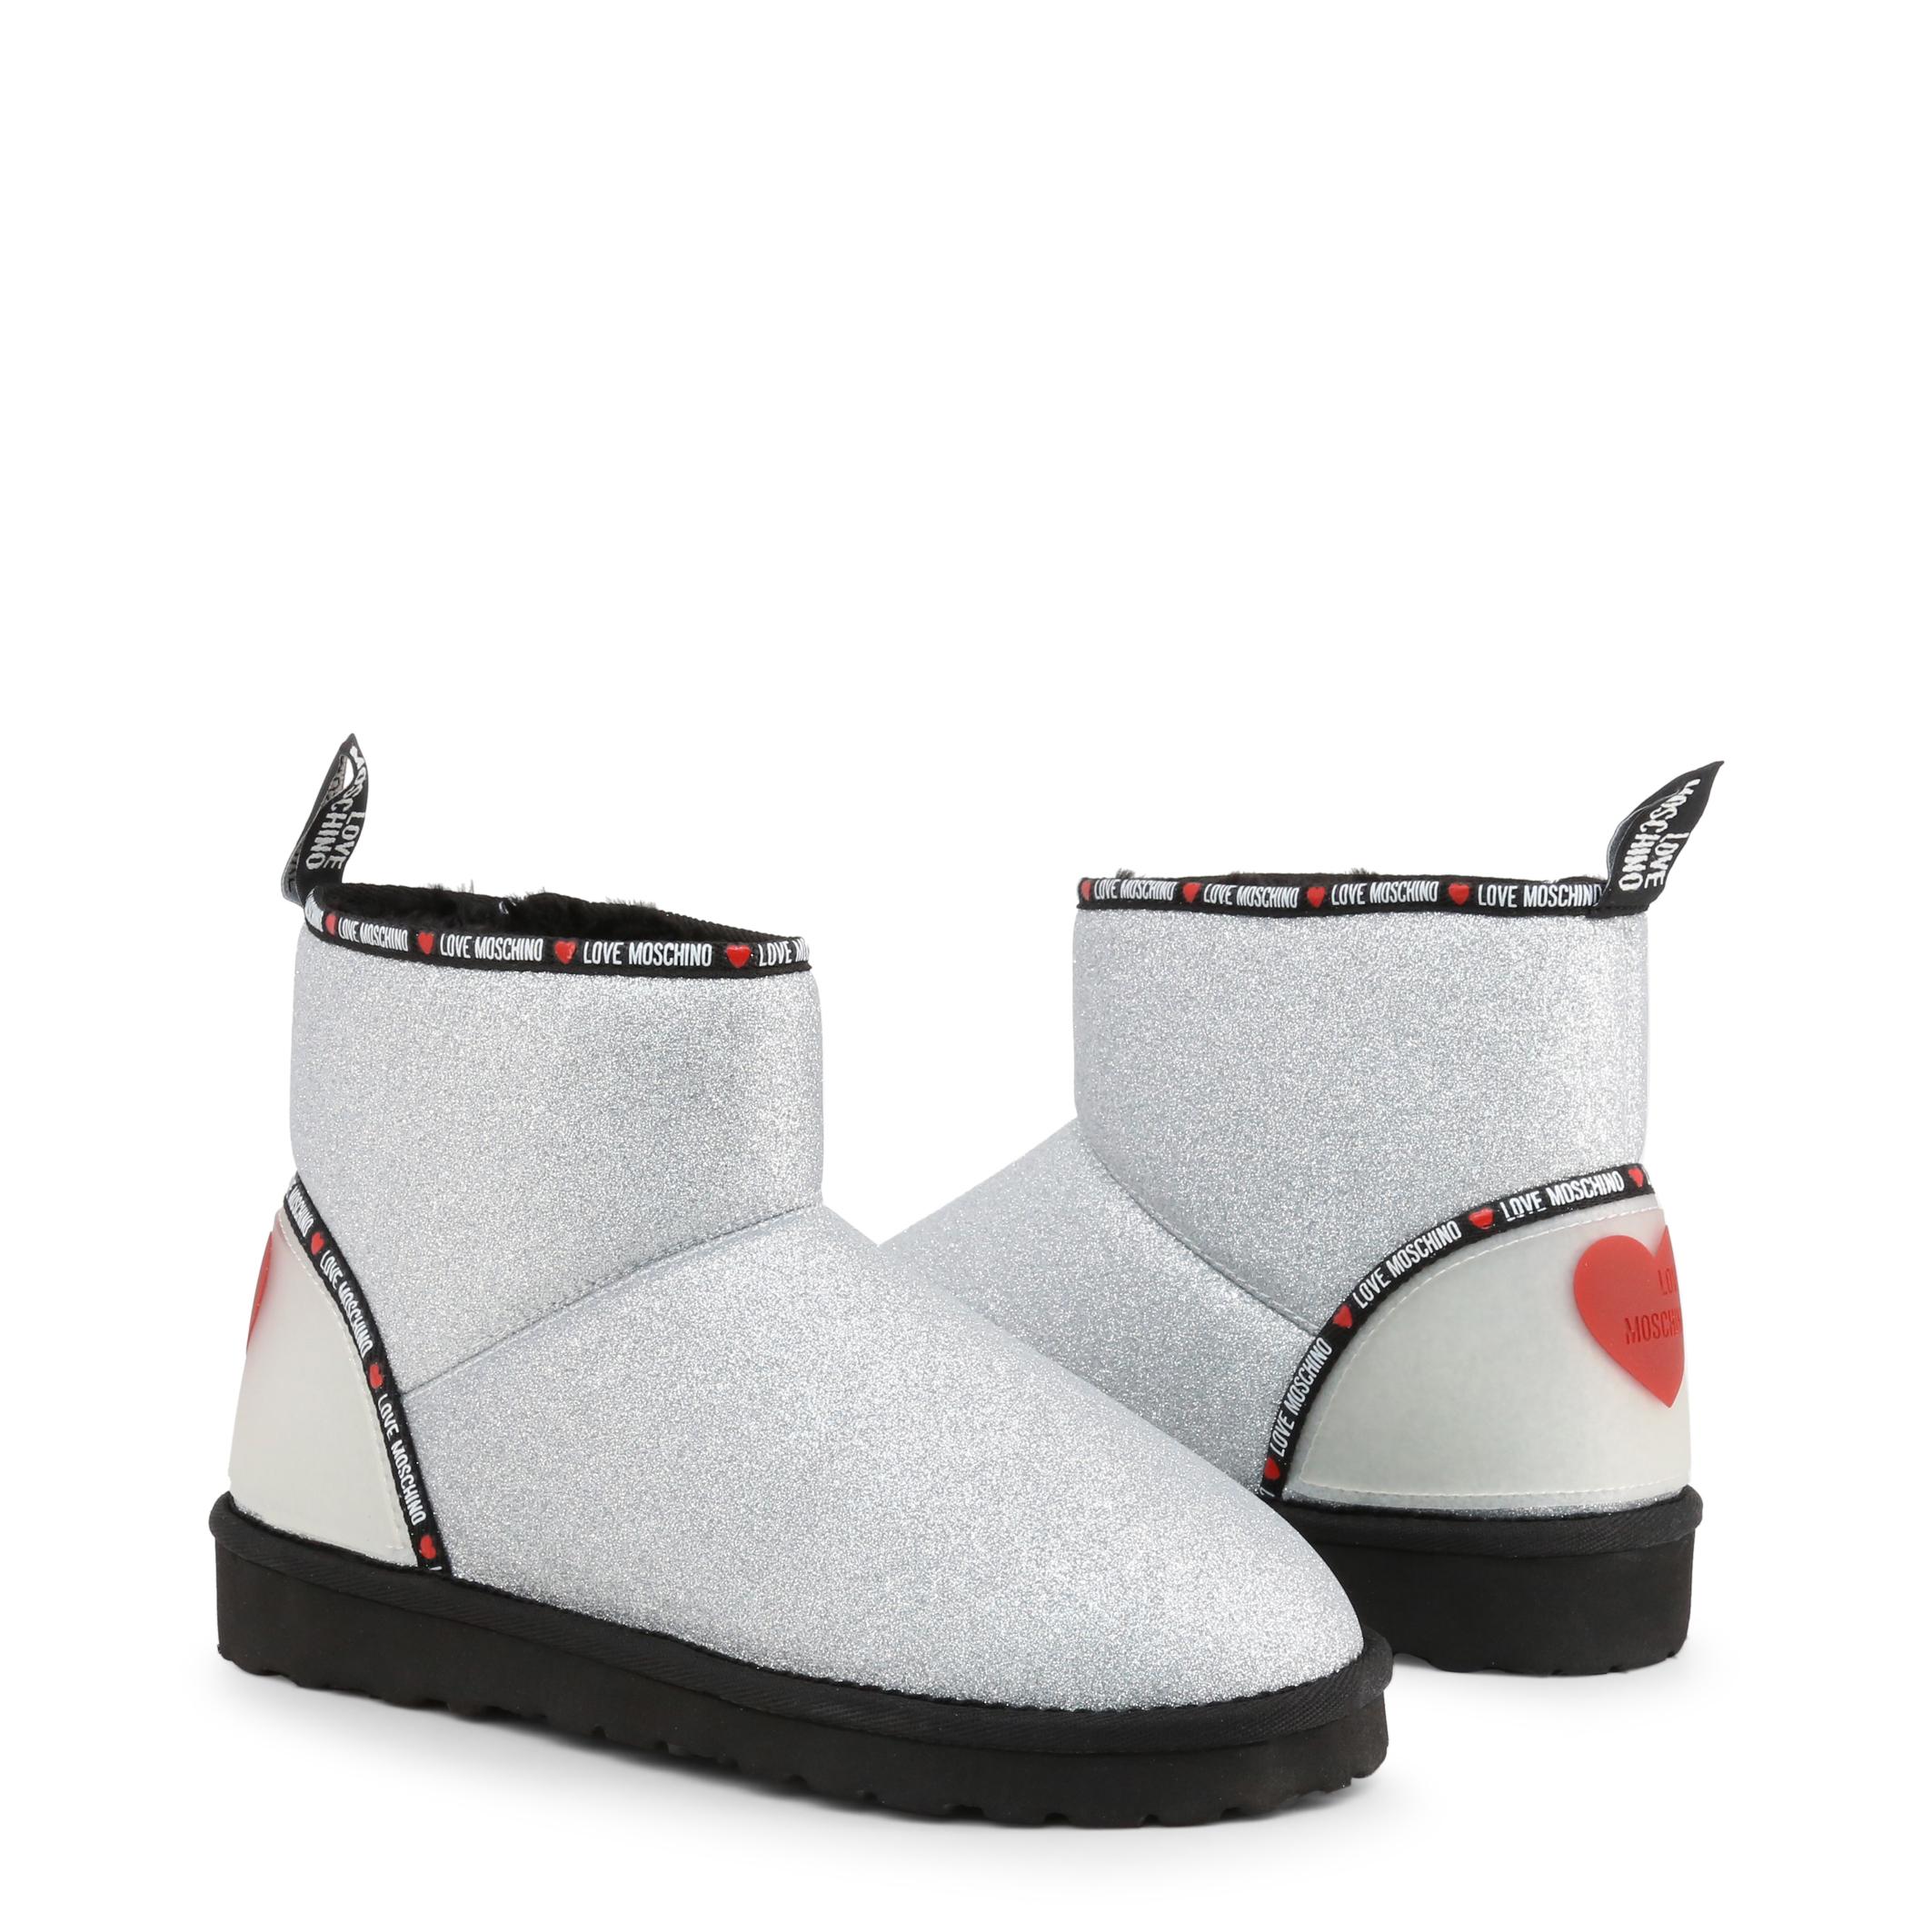 Chaussures  Love moschino JA21033H1BIT_0902 grey